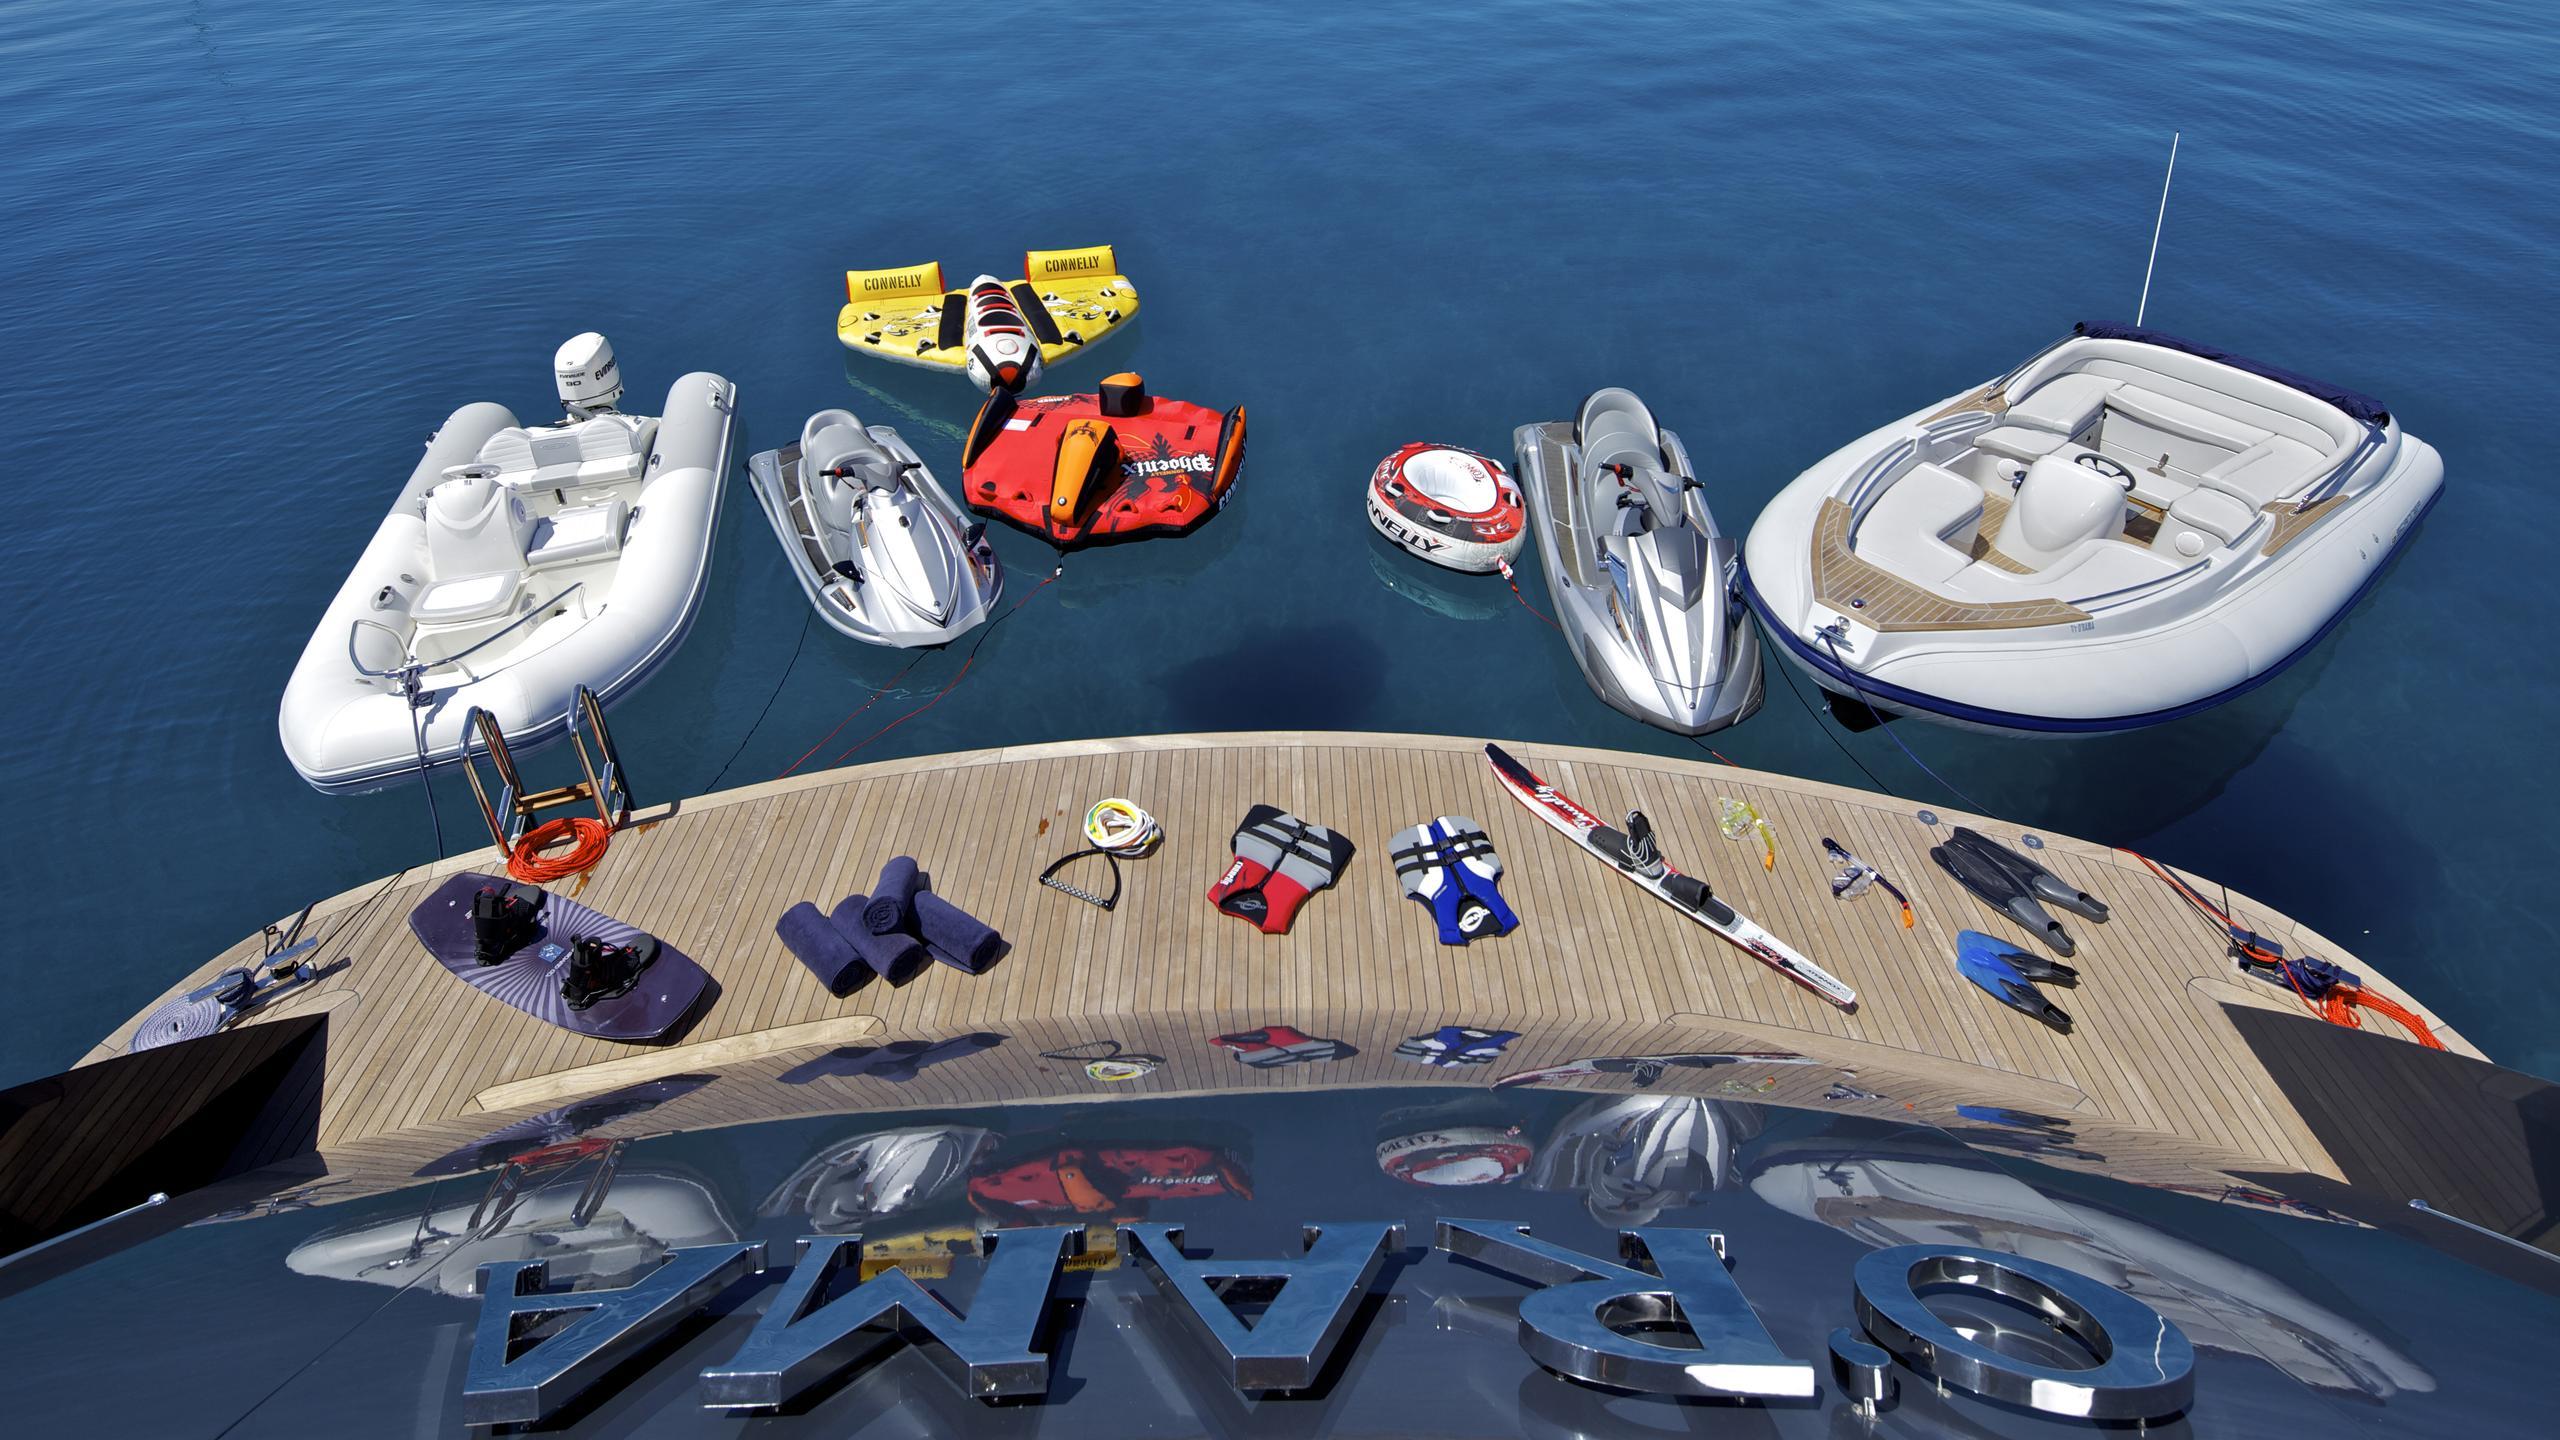 o'rama-yacht-toys